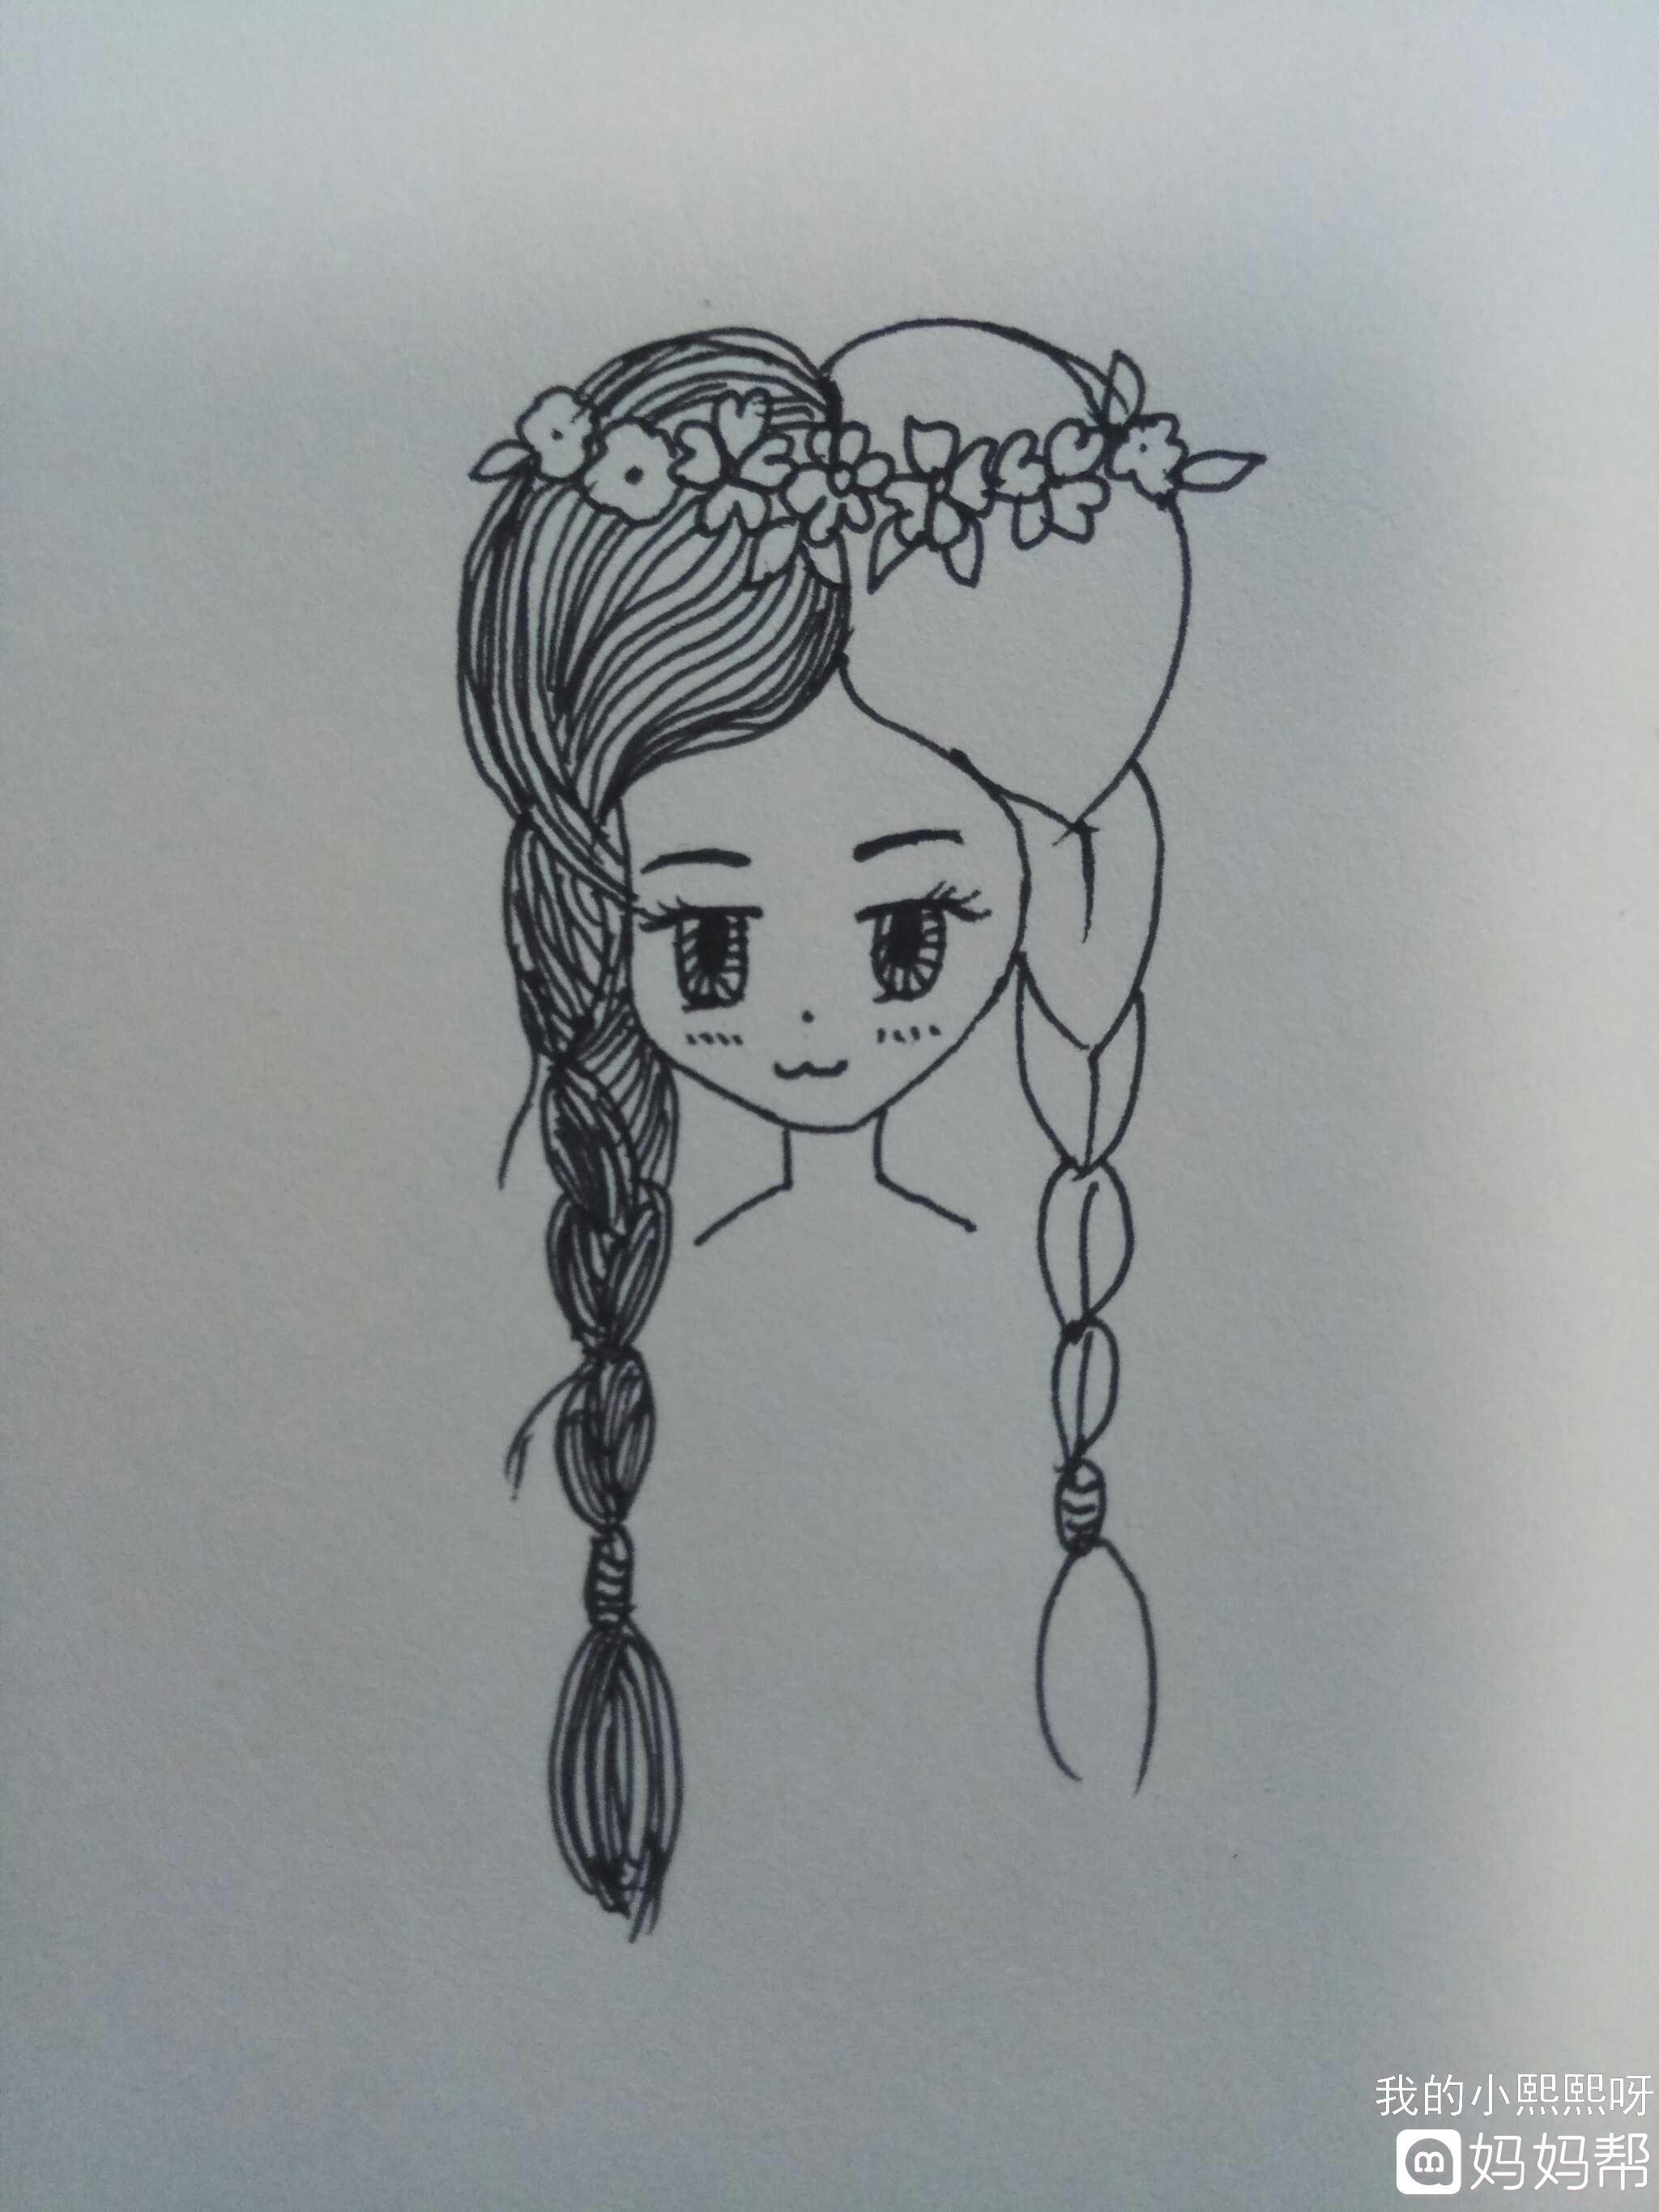 儿童画 简笔画 手绘 线稿 2048_2731 竖版 竖屏